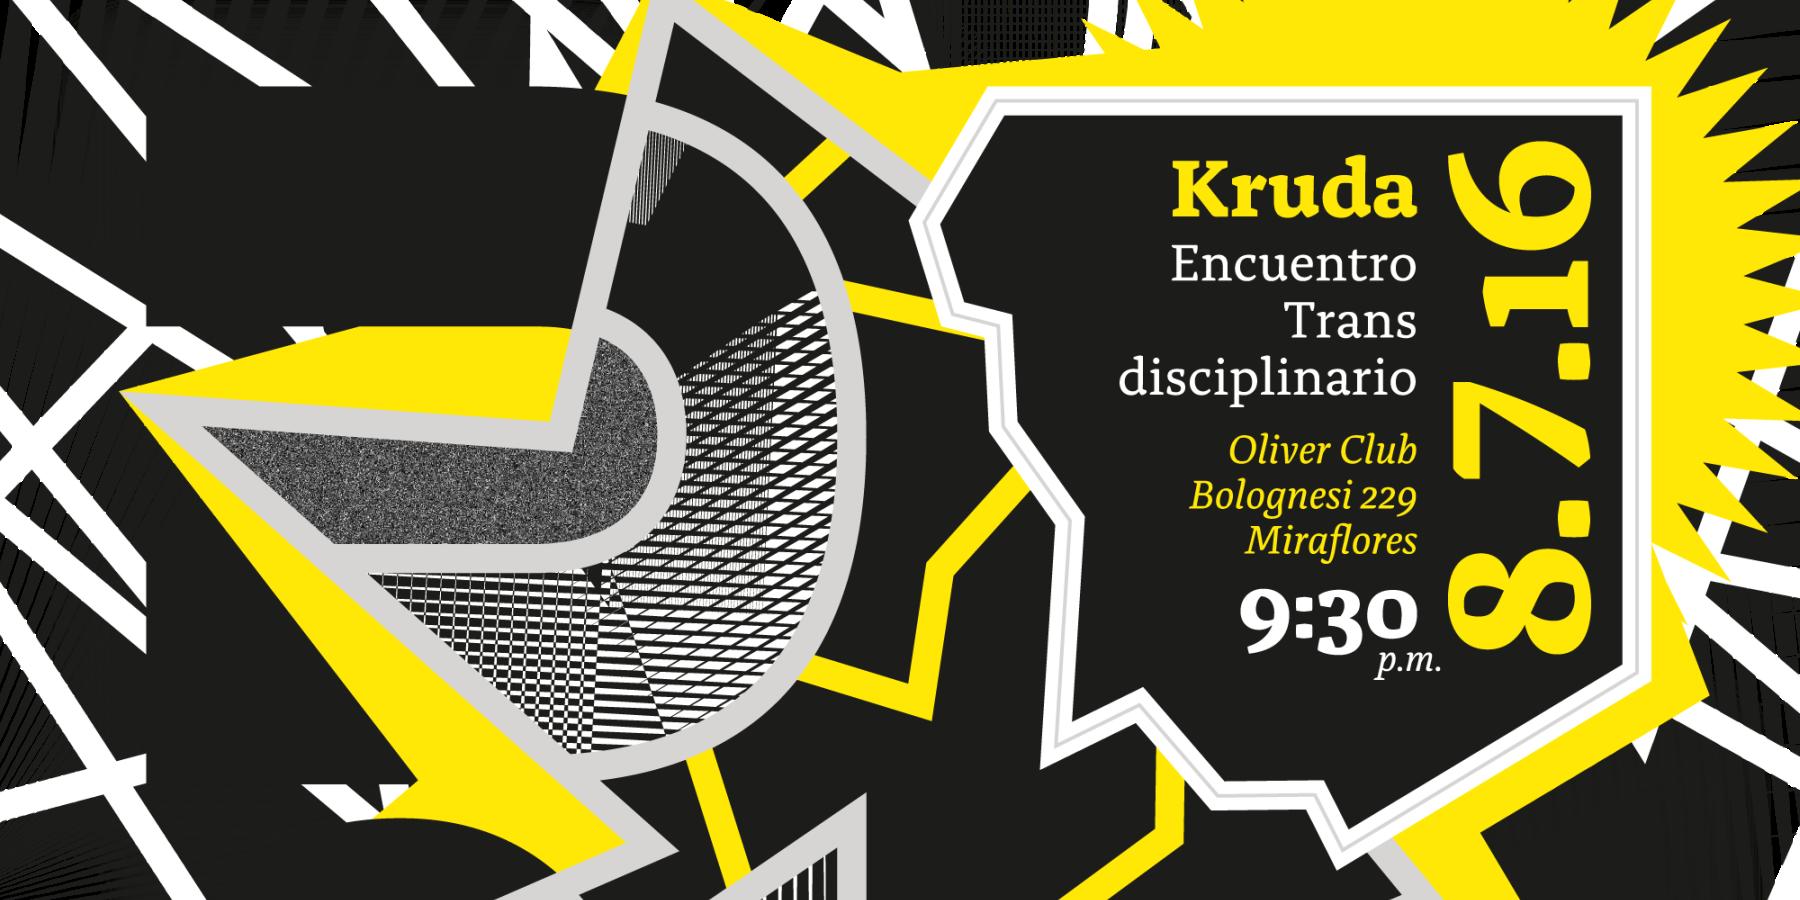 Kruda: Una experiencia artística y sensorial única en Lima